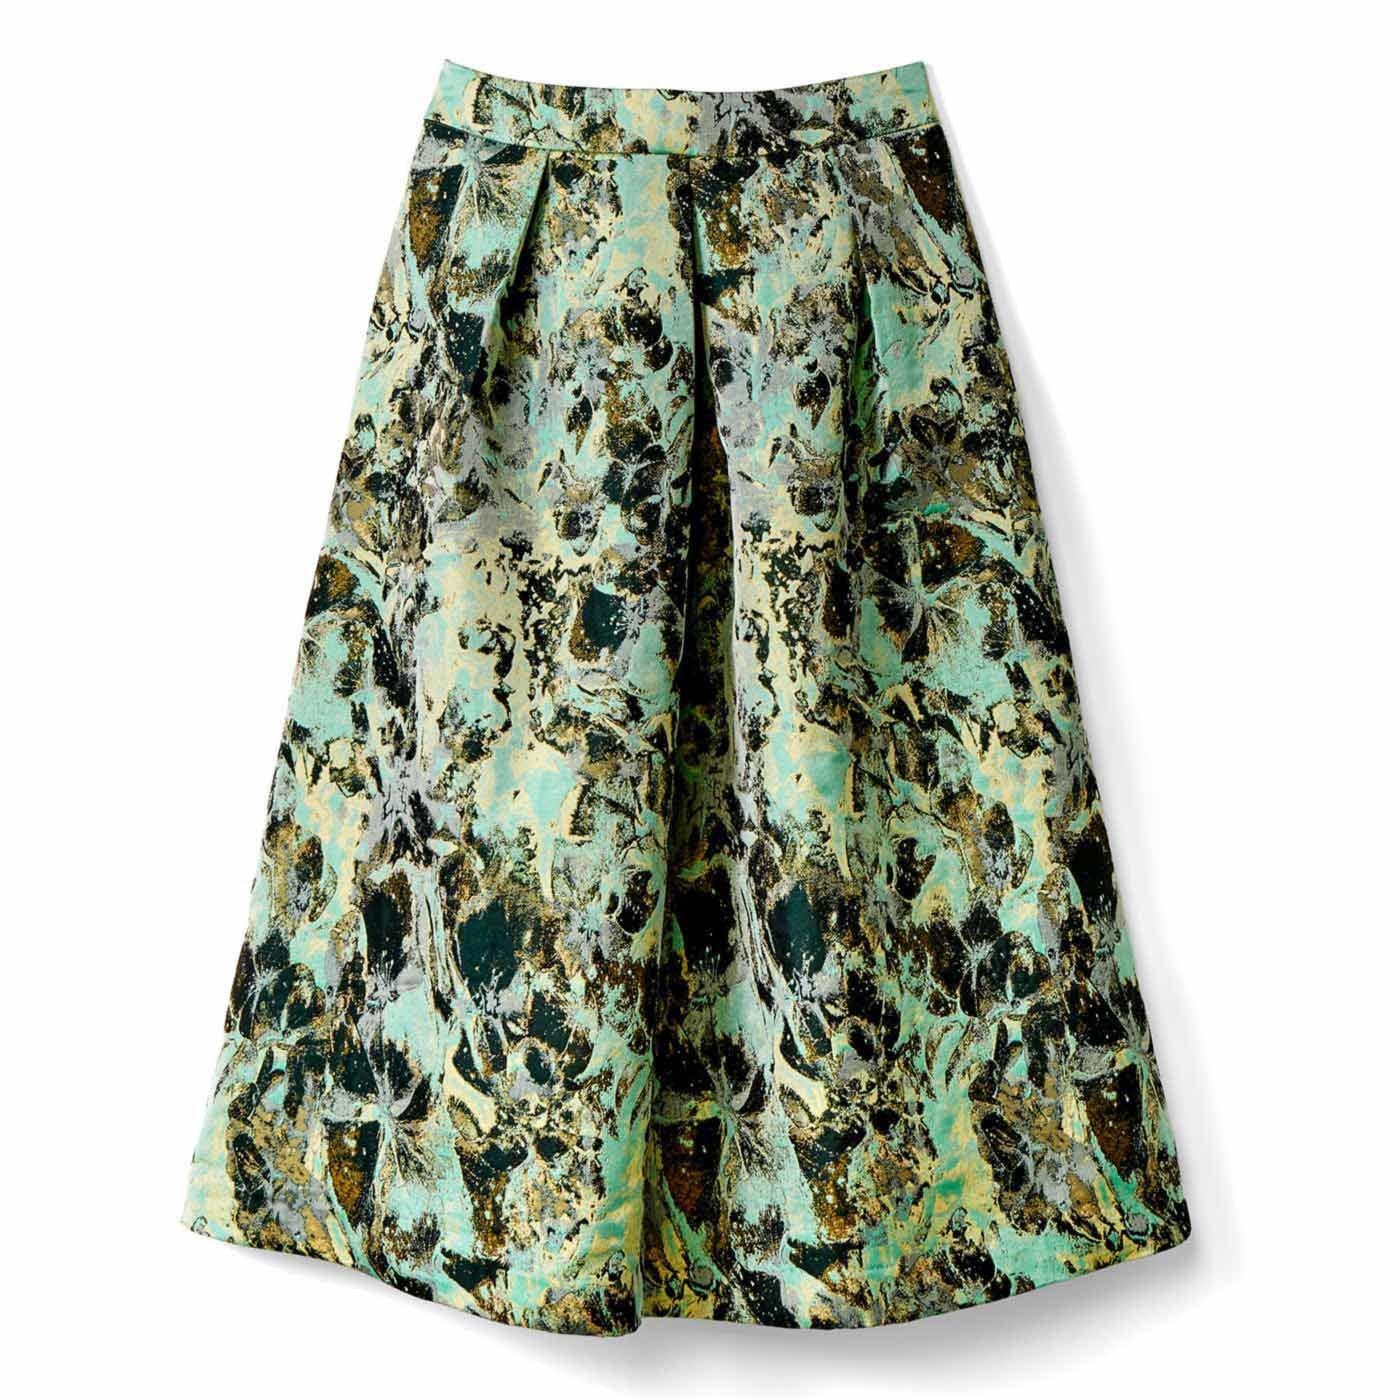 IEDIT[イディット] ふわりシルエットのフラワージャカードスカート〈グリーン〉